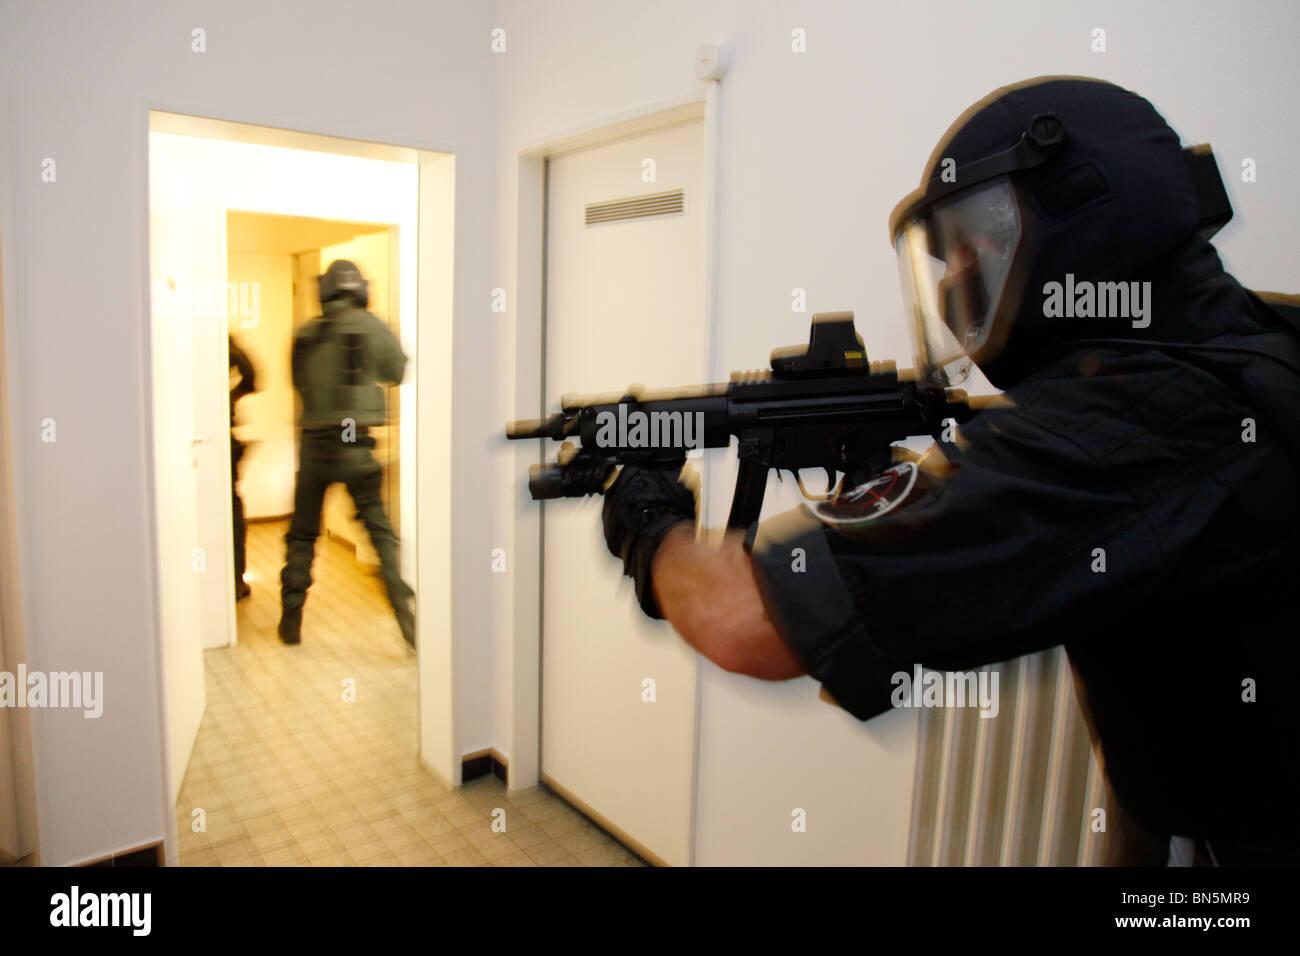 polizei swatteam bei einer Übung antiterrorismus und